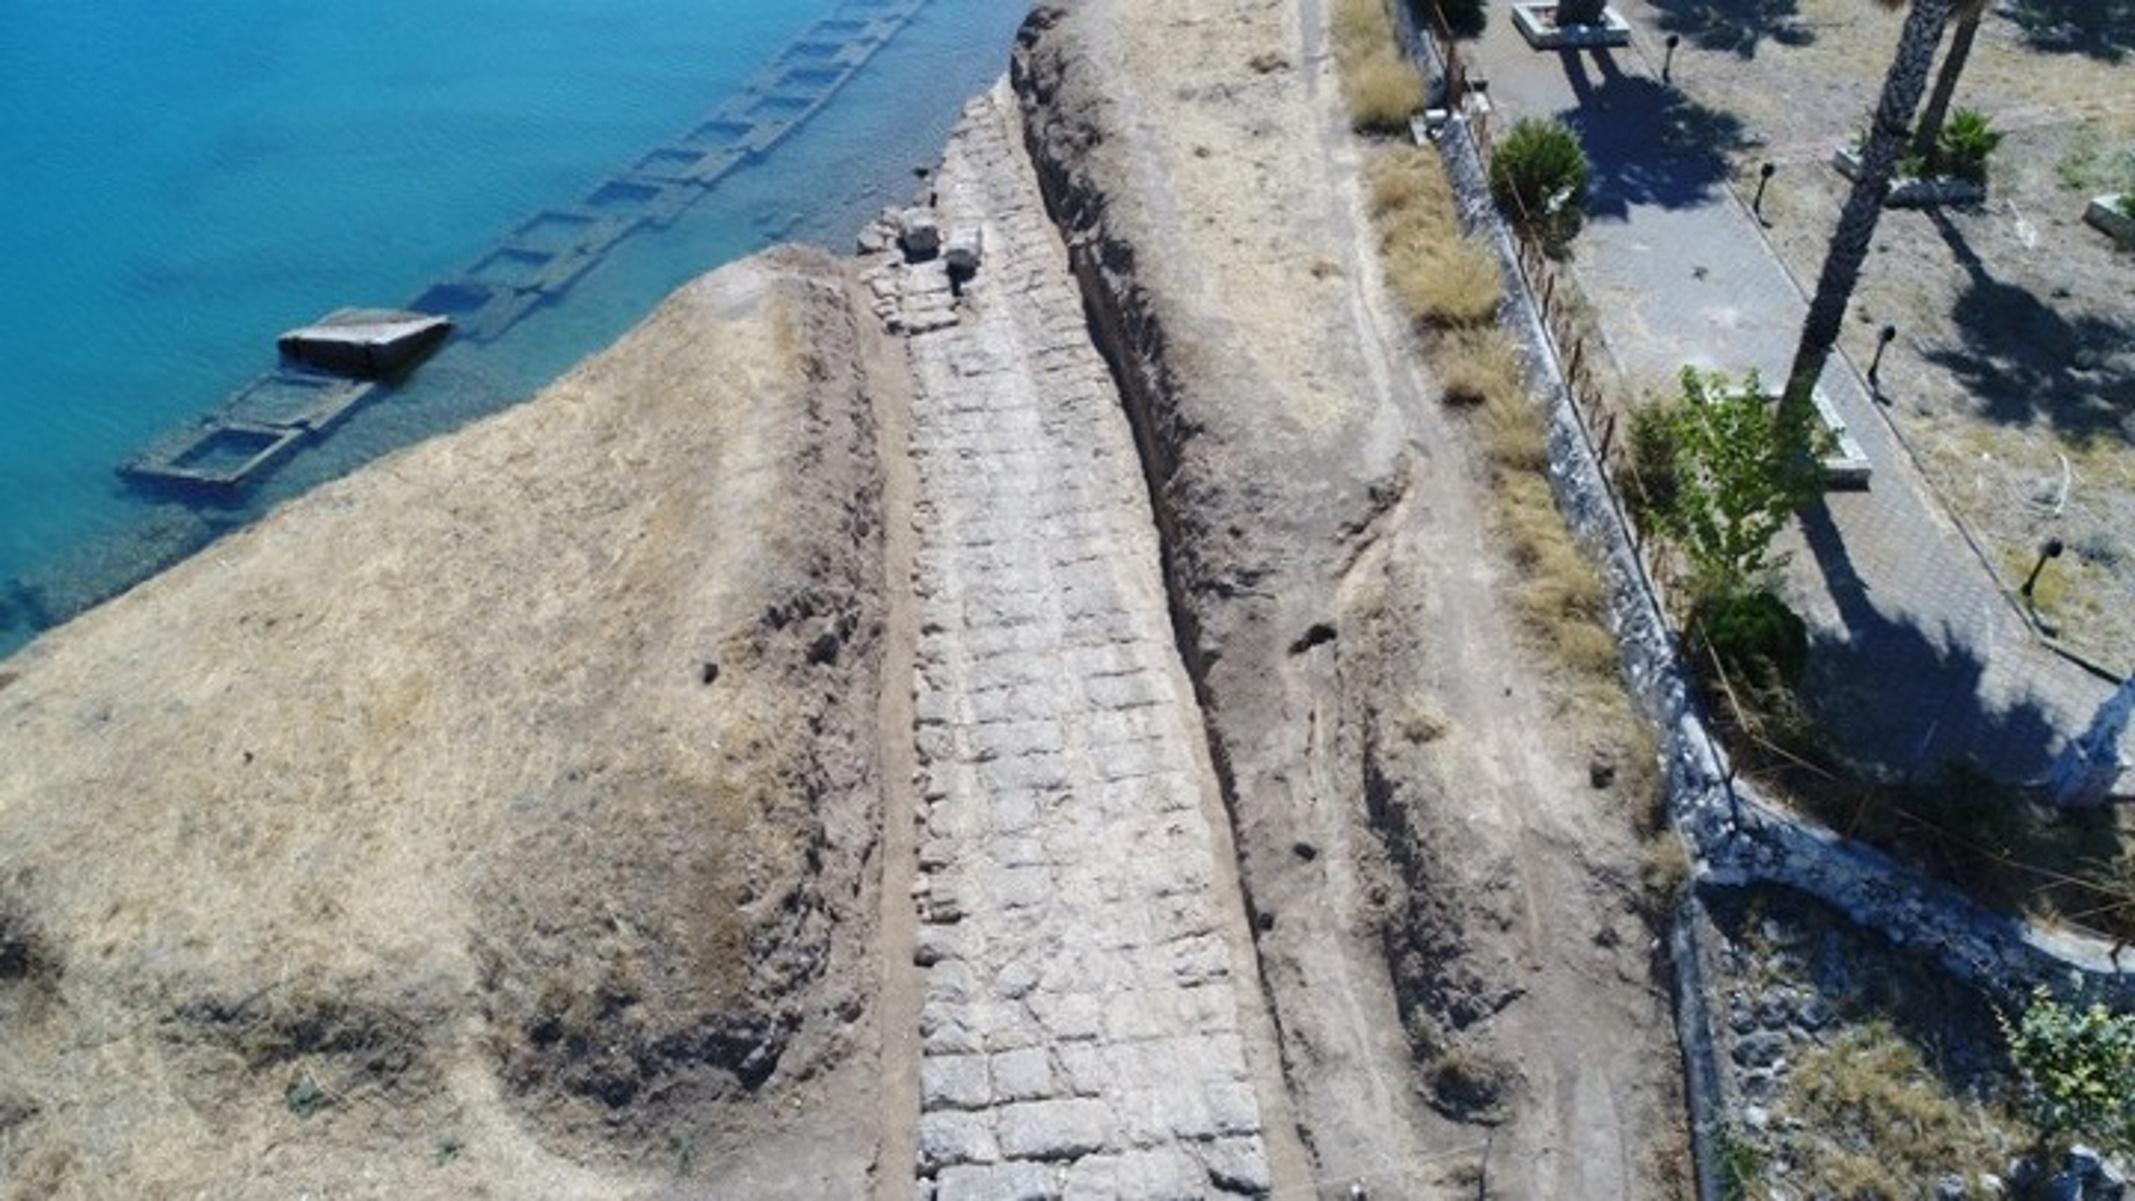 Αρχαίος Δίολκος: «Ζωντανεύει» ένα από τα μεγαλύτερα επιτεύγματα της αρχαιότητας